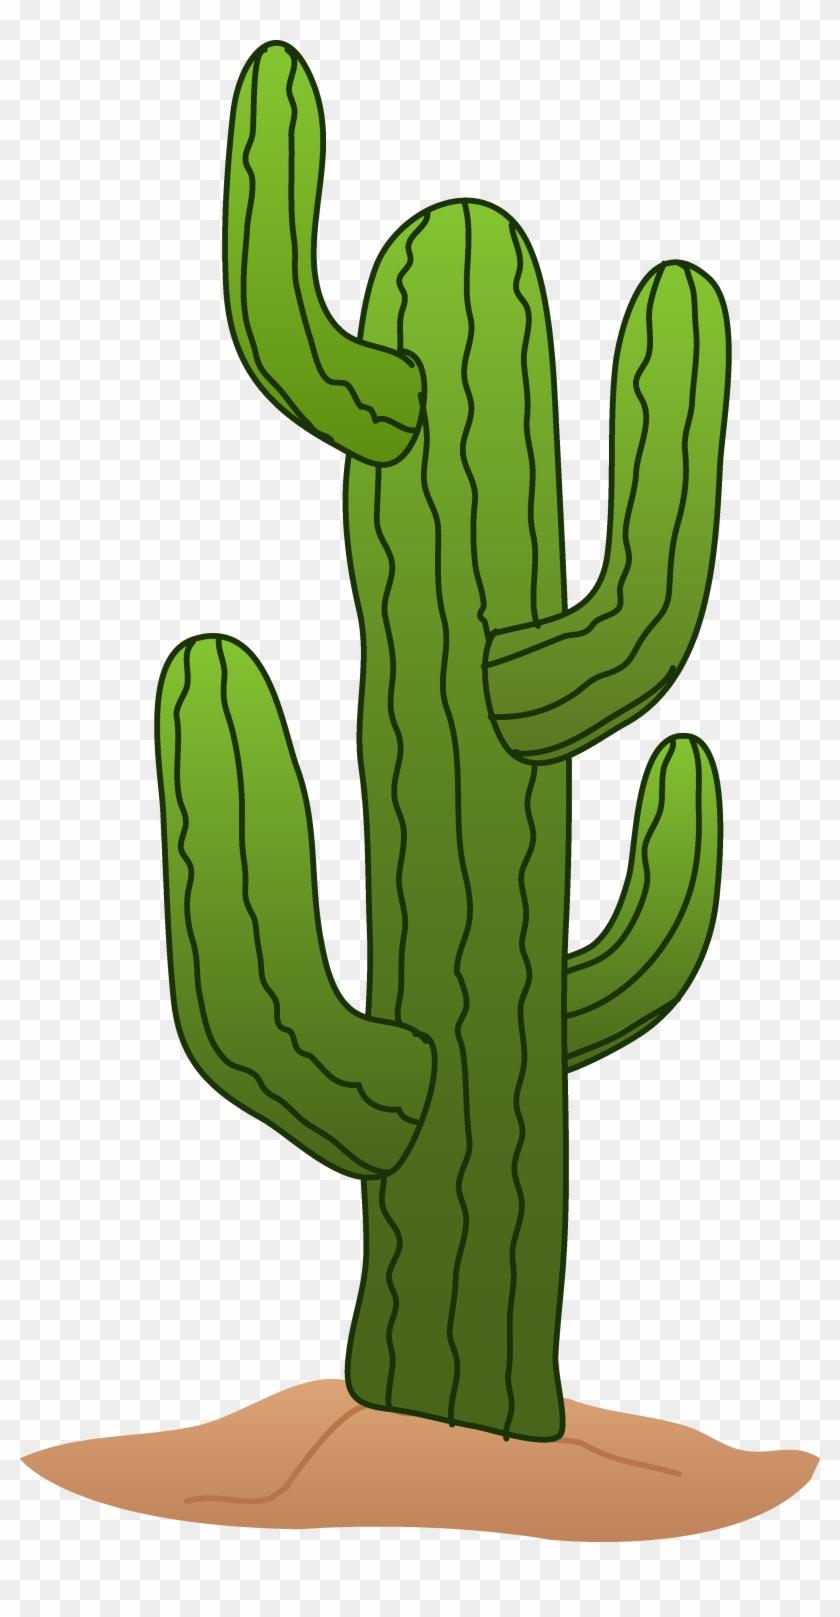 cactus image free cactus clip art transparent free transparent rh clipartmax com cactus clip art free cactus clipart